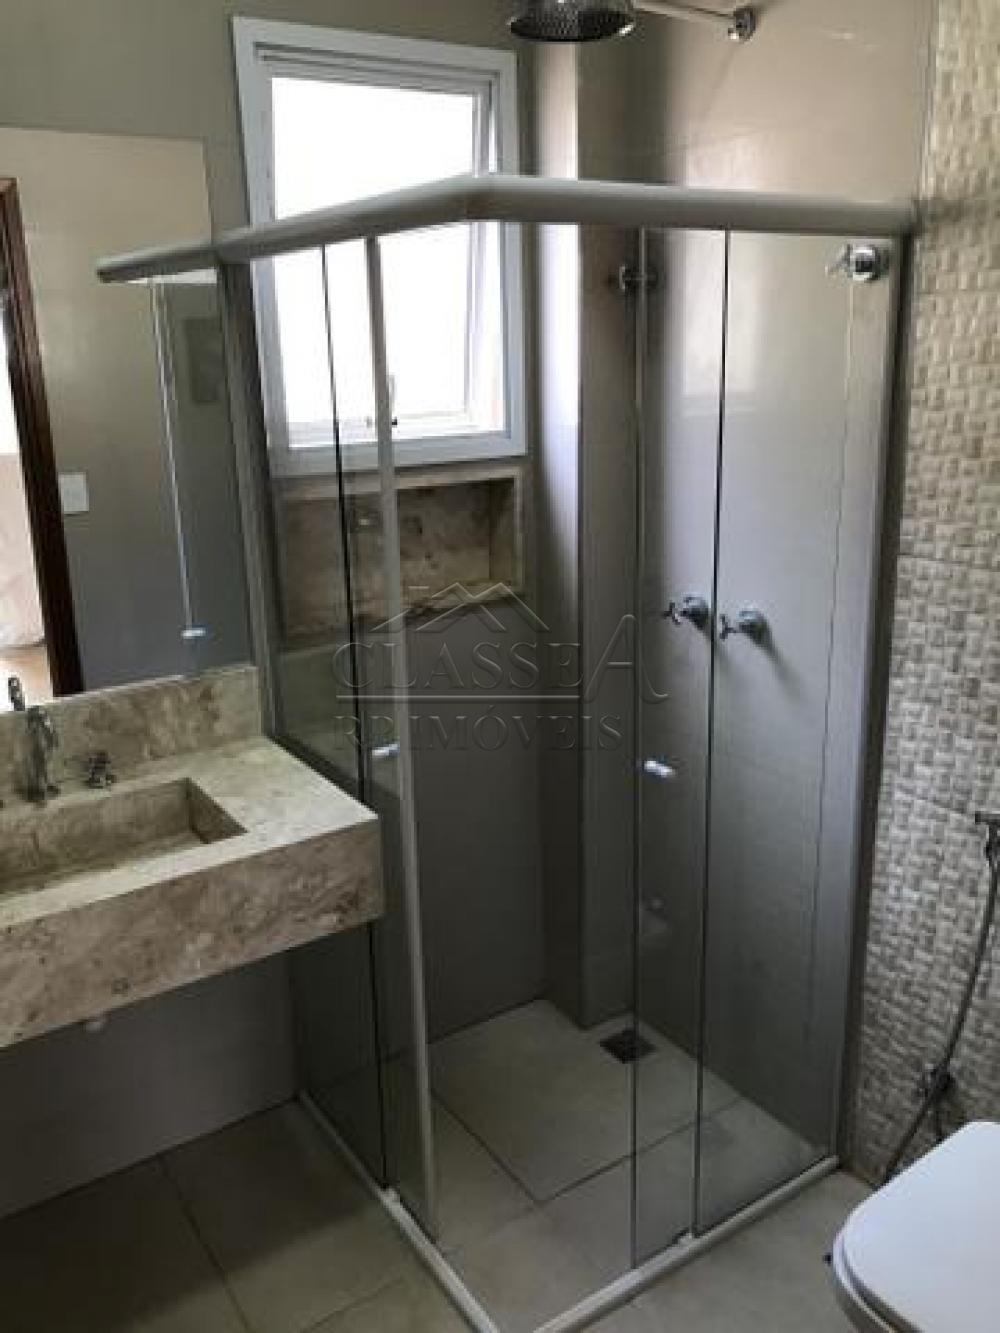 Comprar Casa / Condomínio - sobrado em Ribeirão Preto apenas R$ 1.050.000,00 - Foto 10